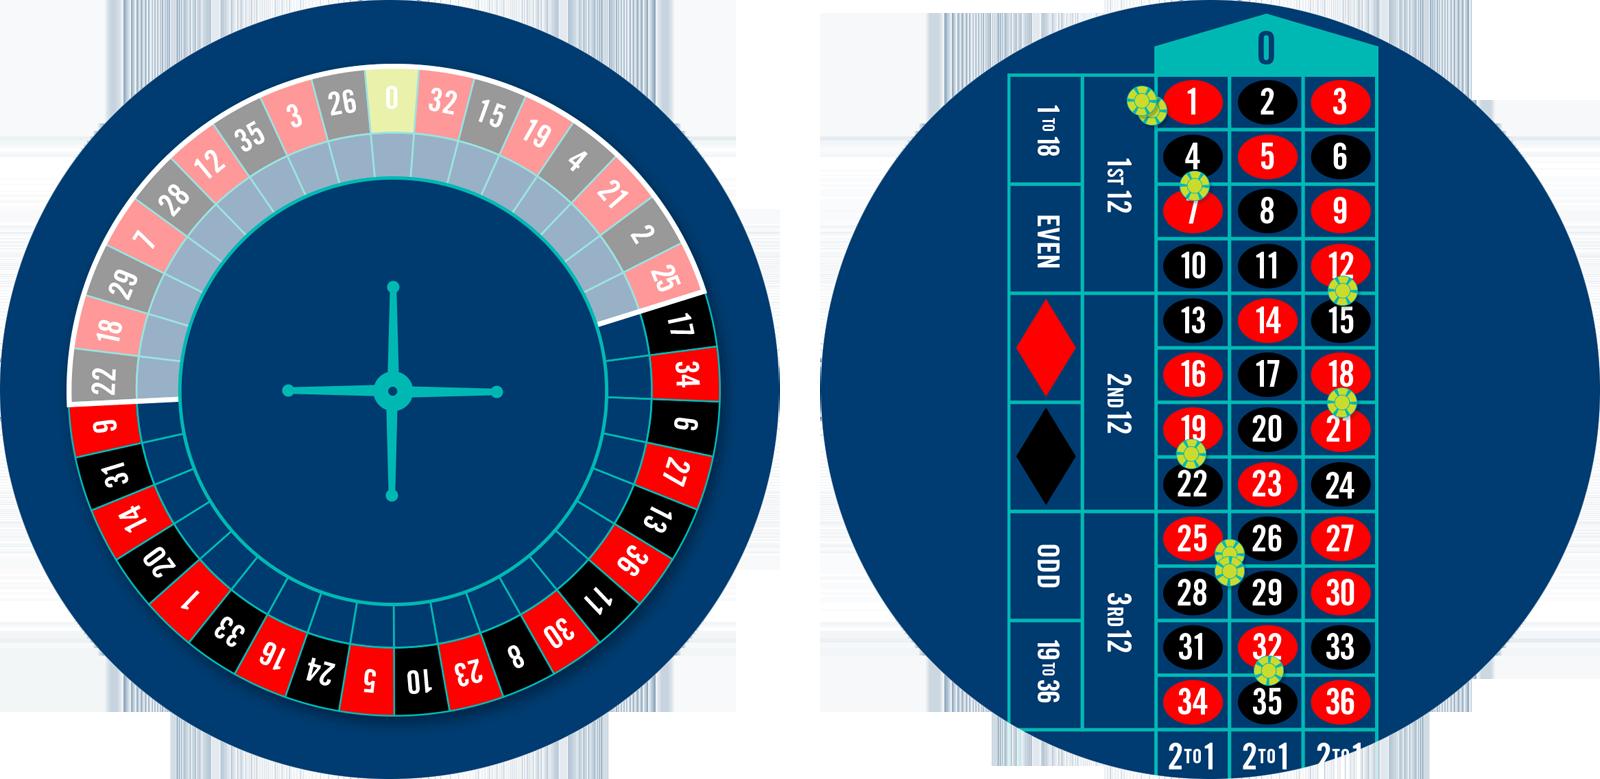 特别显示零旁注区的轮盘,以及零旁注区放着九个筹码的轮盘赌桌。